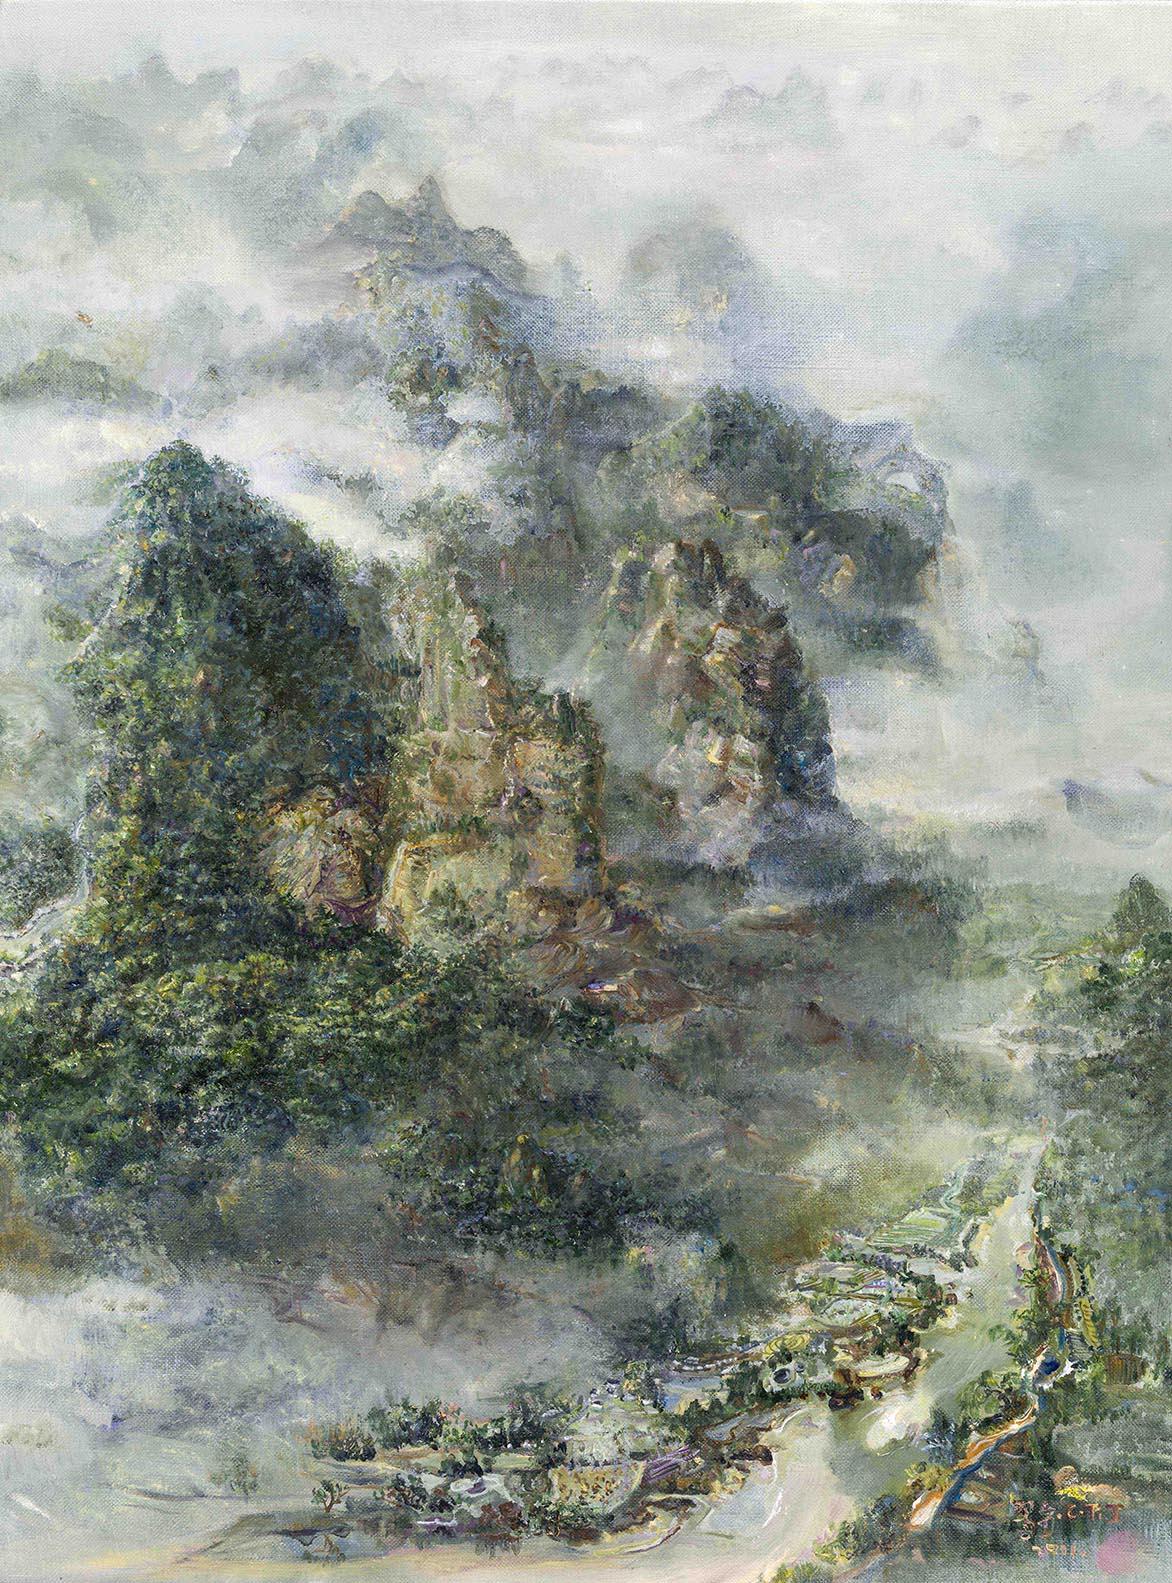 張翠容 雲氣隨飛龍 壓克力、油彩、麻布 60.5x45.6cm